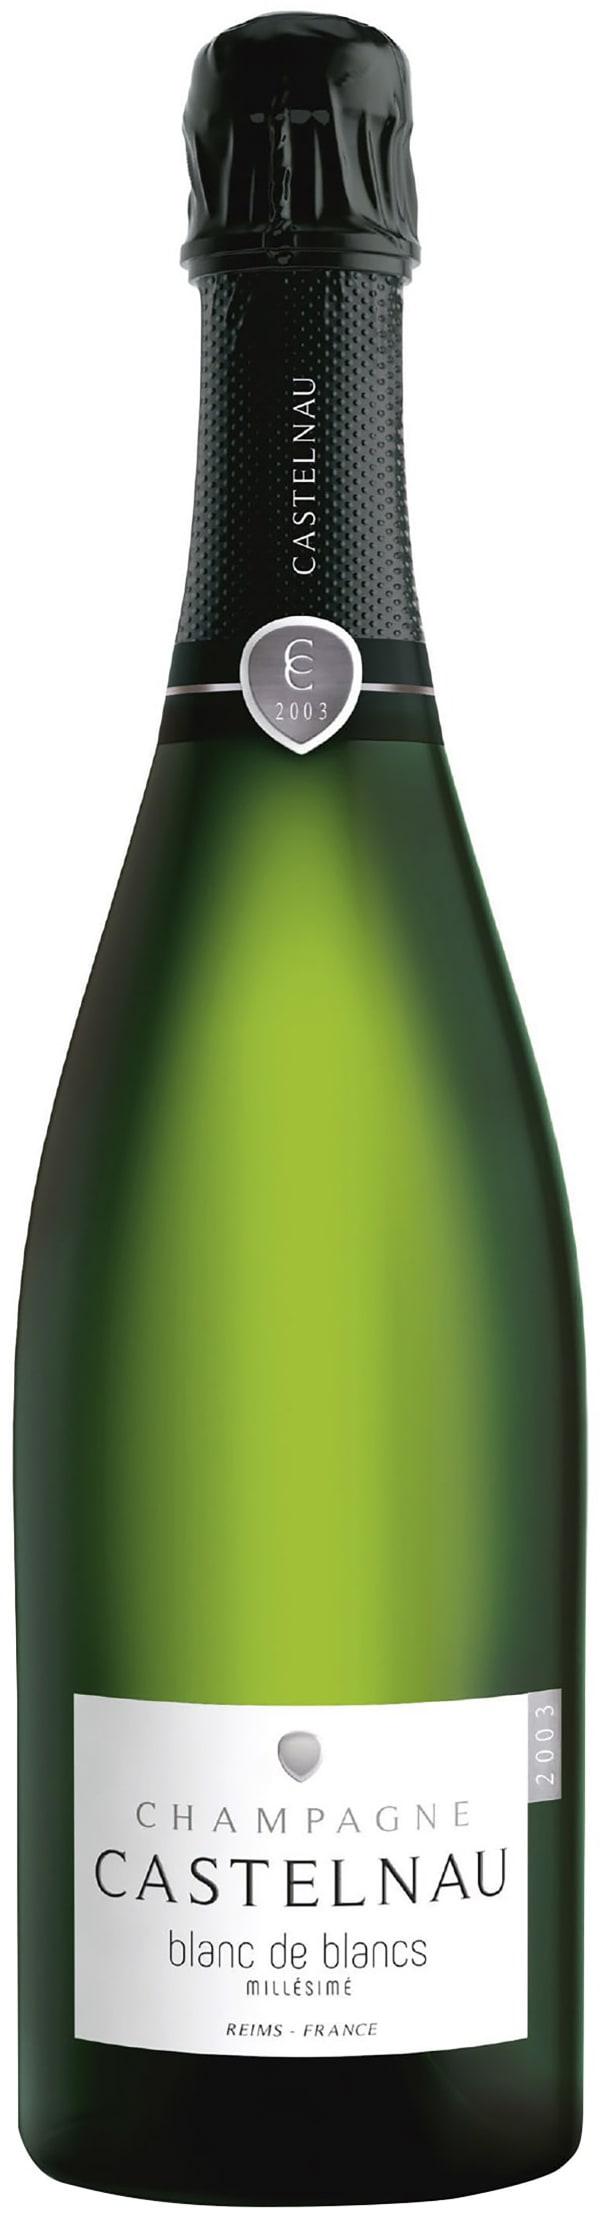 Castelnau Blanc de Blancs Millésimé Champagne Brut 2003